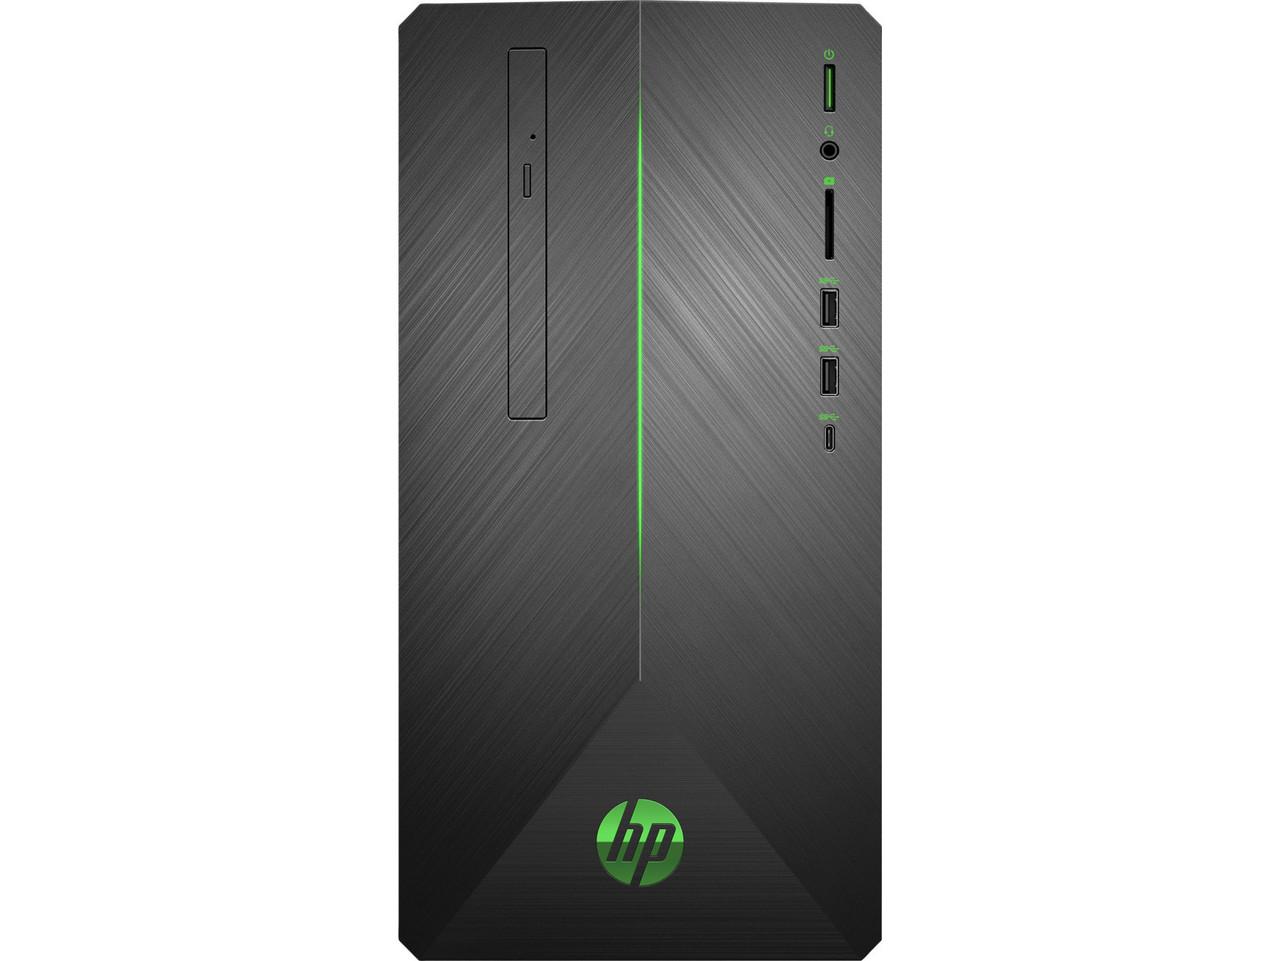 31e18be83 HP Pavilion Gaming 690-0015xt - Intel i7 - 3.20GHz, 12GB RAM, 2TB ...